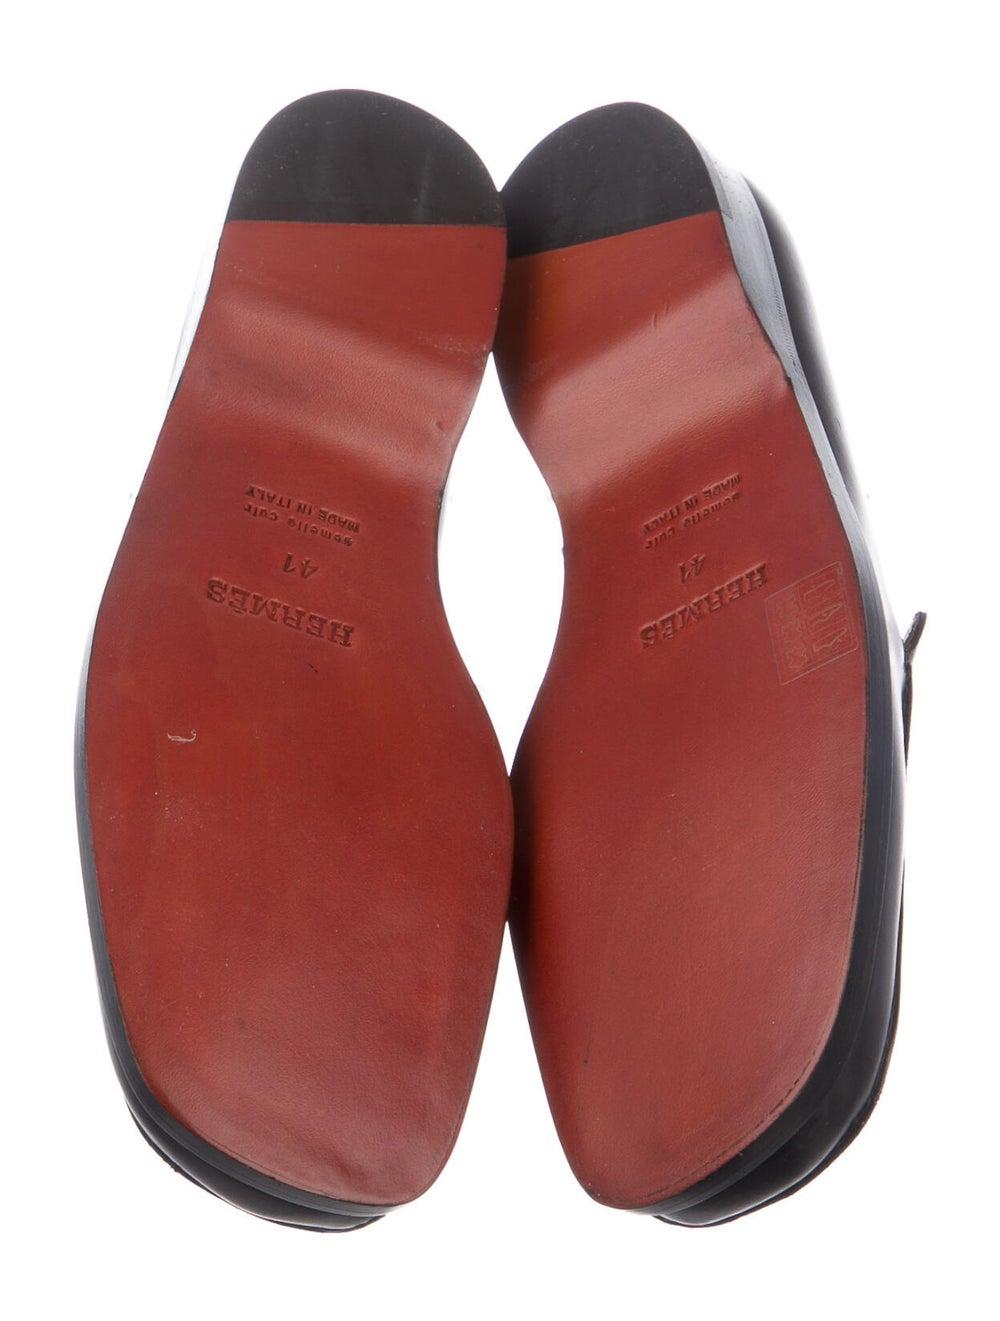 Hermès Loafers Black - image 5